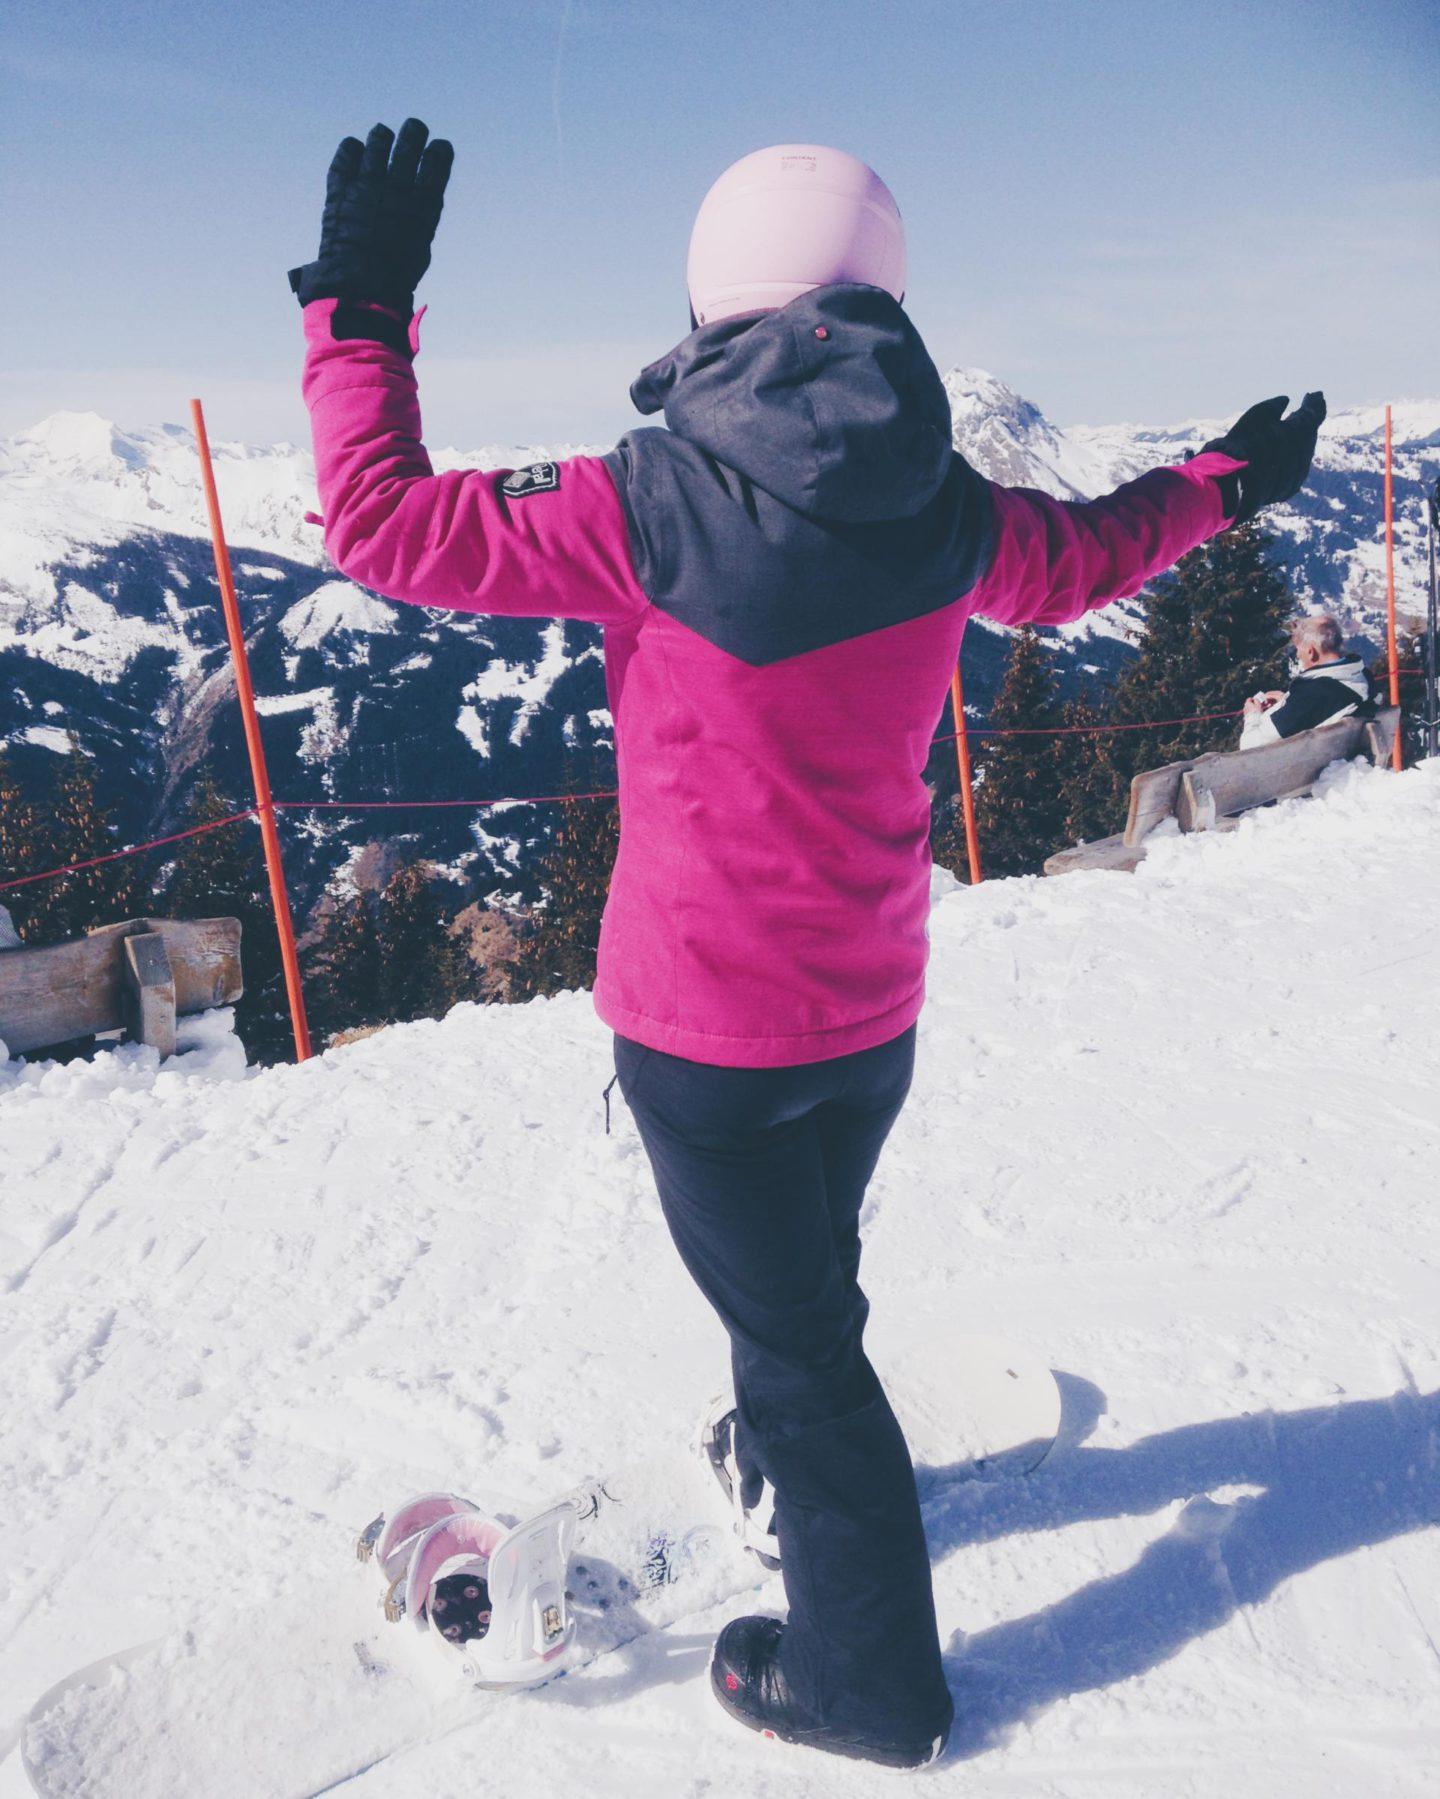 Het is bijna weer zover, wintersportseizoen. Ben jij voorbereid?